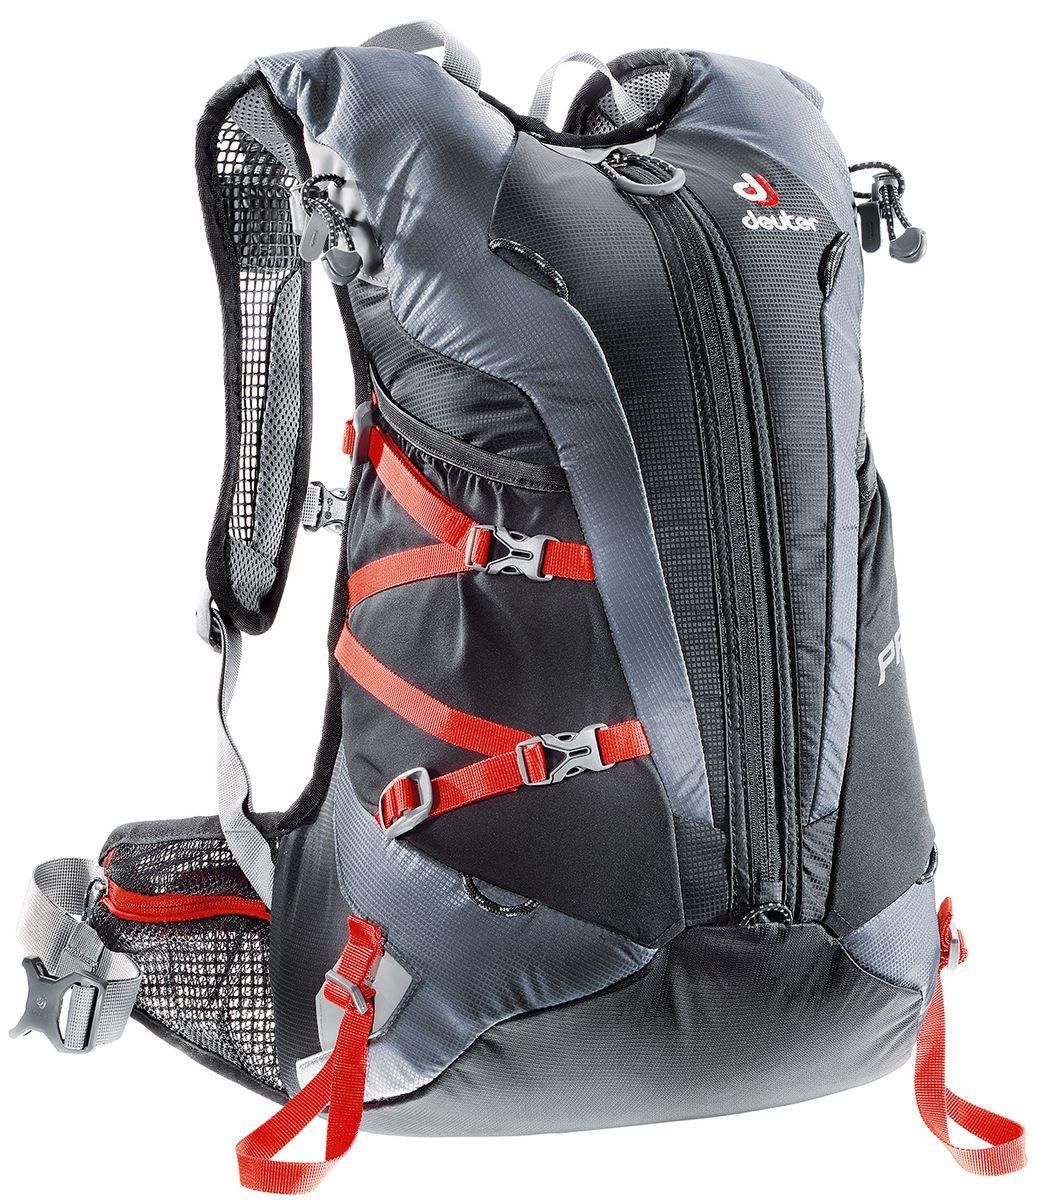 Рюкзак спортивный Deuter Pace, цвет: черный, серый, 20 л3300015_7490Уменьшение веса равно уменьшению усилий. Вот почему команда дизайнеров Pace следует лозунгу Вы это едва чувствуете. Легкие крылья пояса анатомической формы и лямки из сетчатой ткани обеспечивают легкую подгонку. Особенности: 3М отражатели спереди и сзади; Боковые карманы; Крепления для кошек и ледоруба; Карман для ценных вещей; Совместимо с гидросистемой; Крепление для лыж; Карман-клапан для перчаток, шлема; Вес: 630 г. Размеры: 48 х 28 х 20 см. Объем: 20 л.